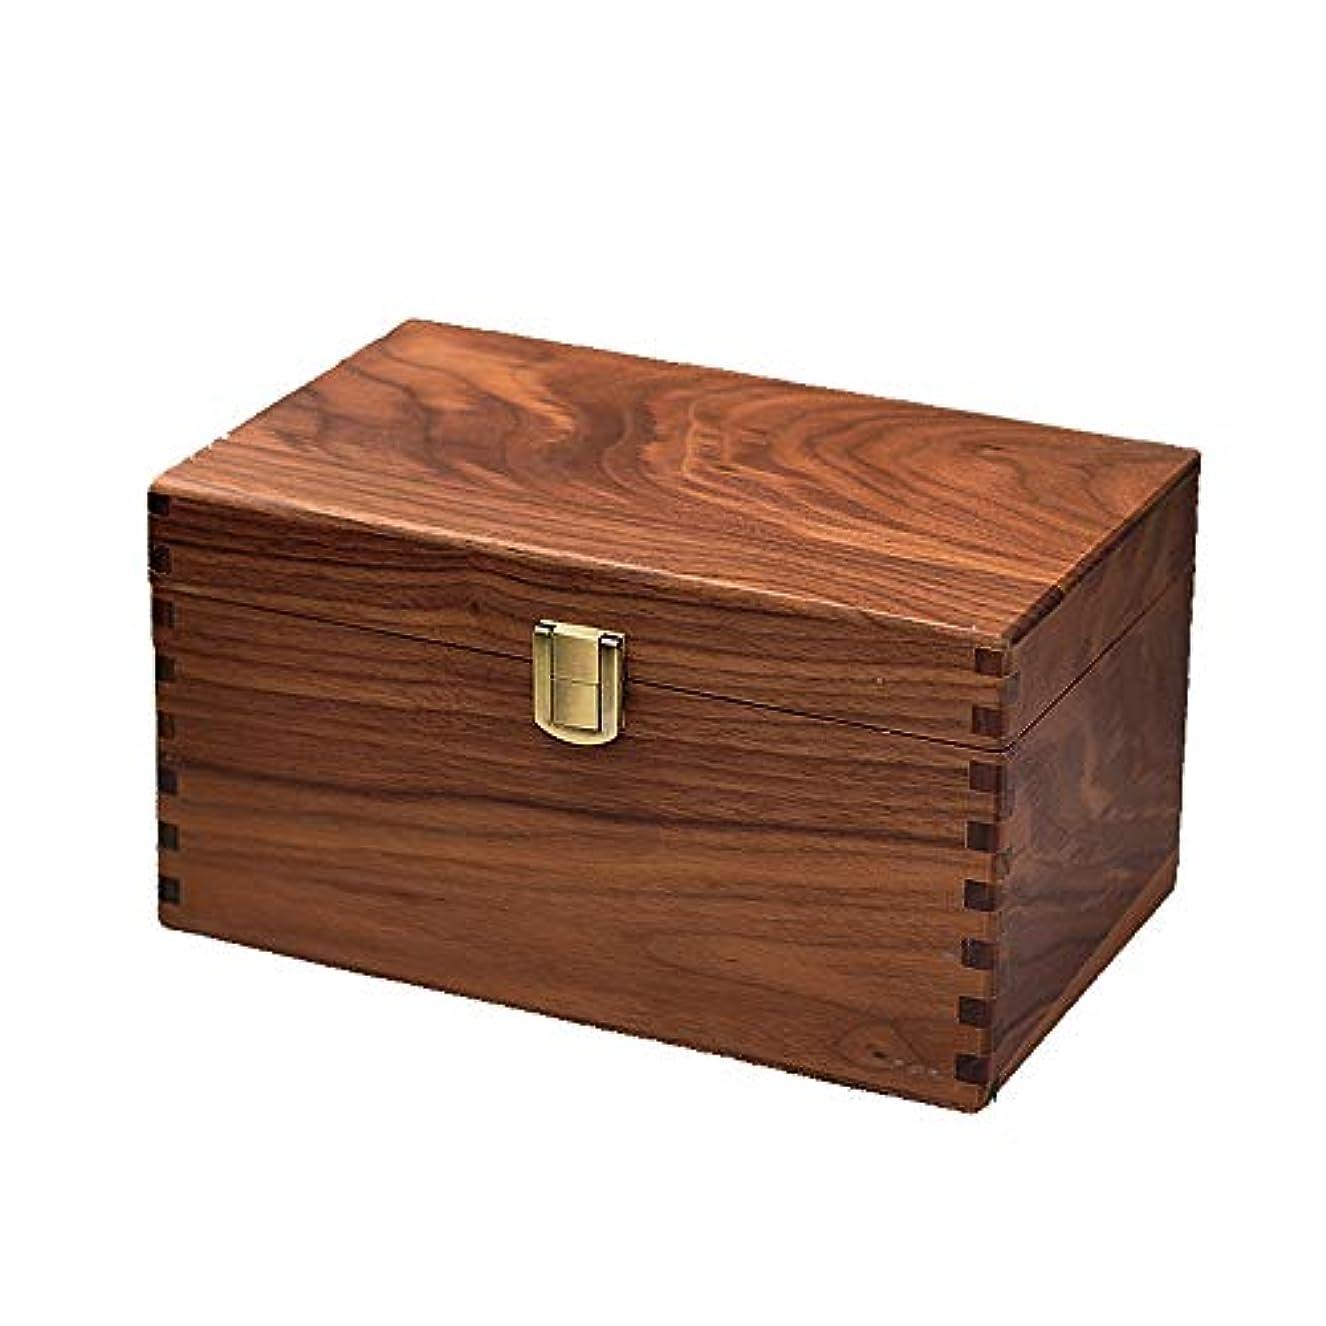 ピボット助言する賛美歌エッセンシャルオイルの保管 手作りの装飾的な木のエッセンシャルオイルボックスオーガナイザージュエリーボックスパーフェクトエッセンシャルオイルケース (色 : Natural, サイズ : 24.5X15.5X13CM)